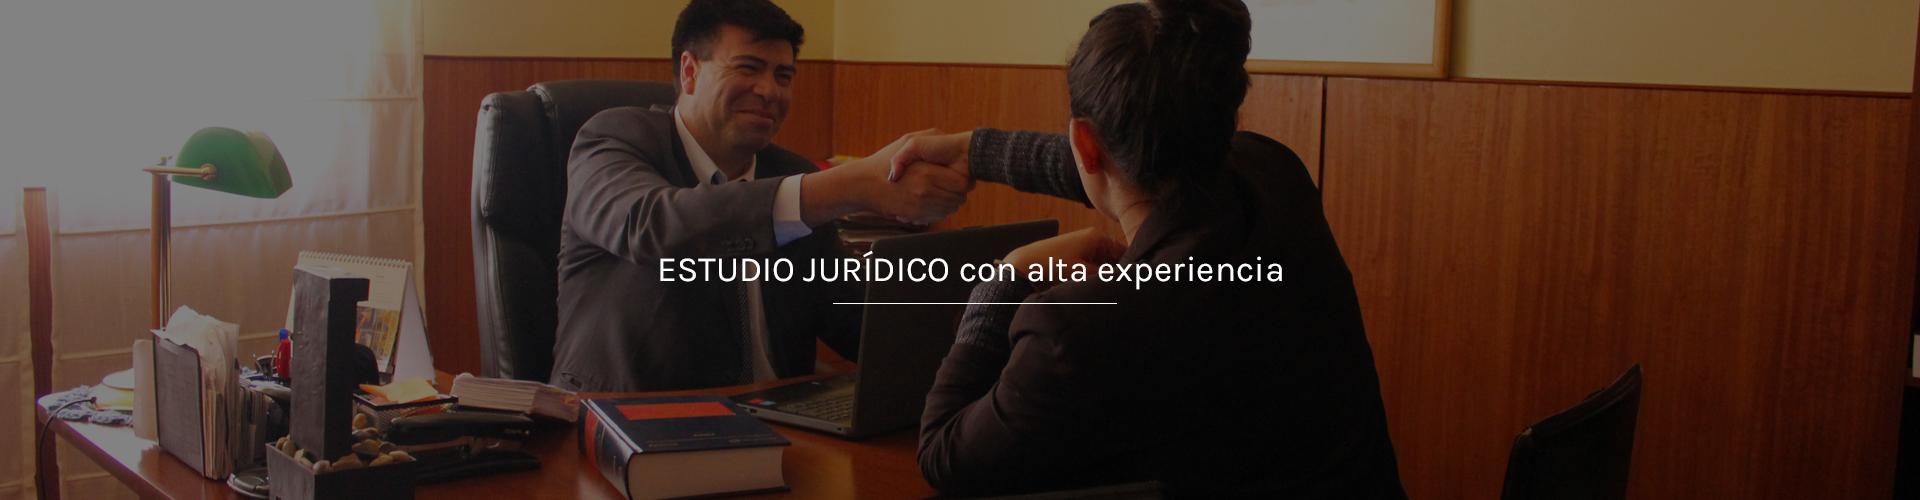 Frez y Asociados Estudio jurídico